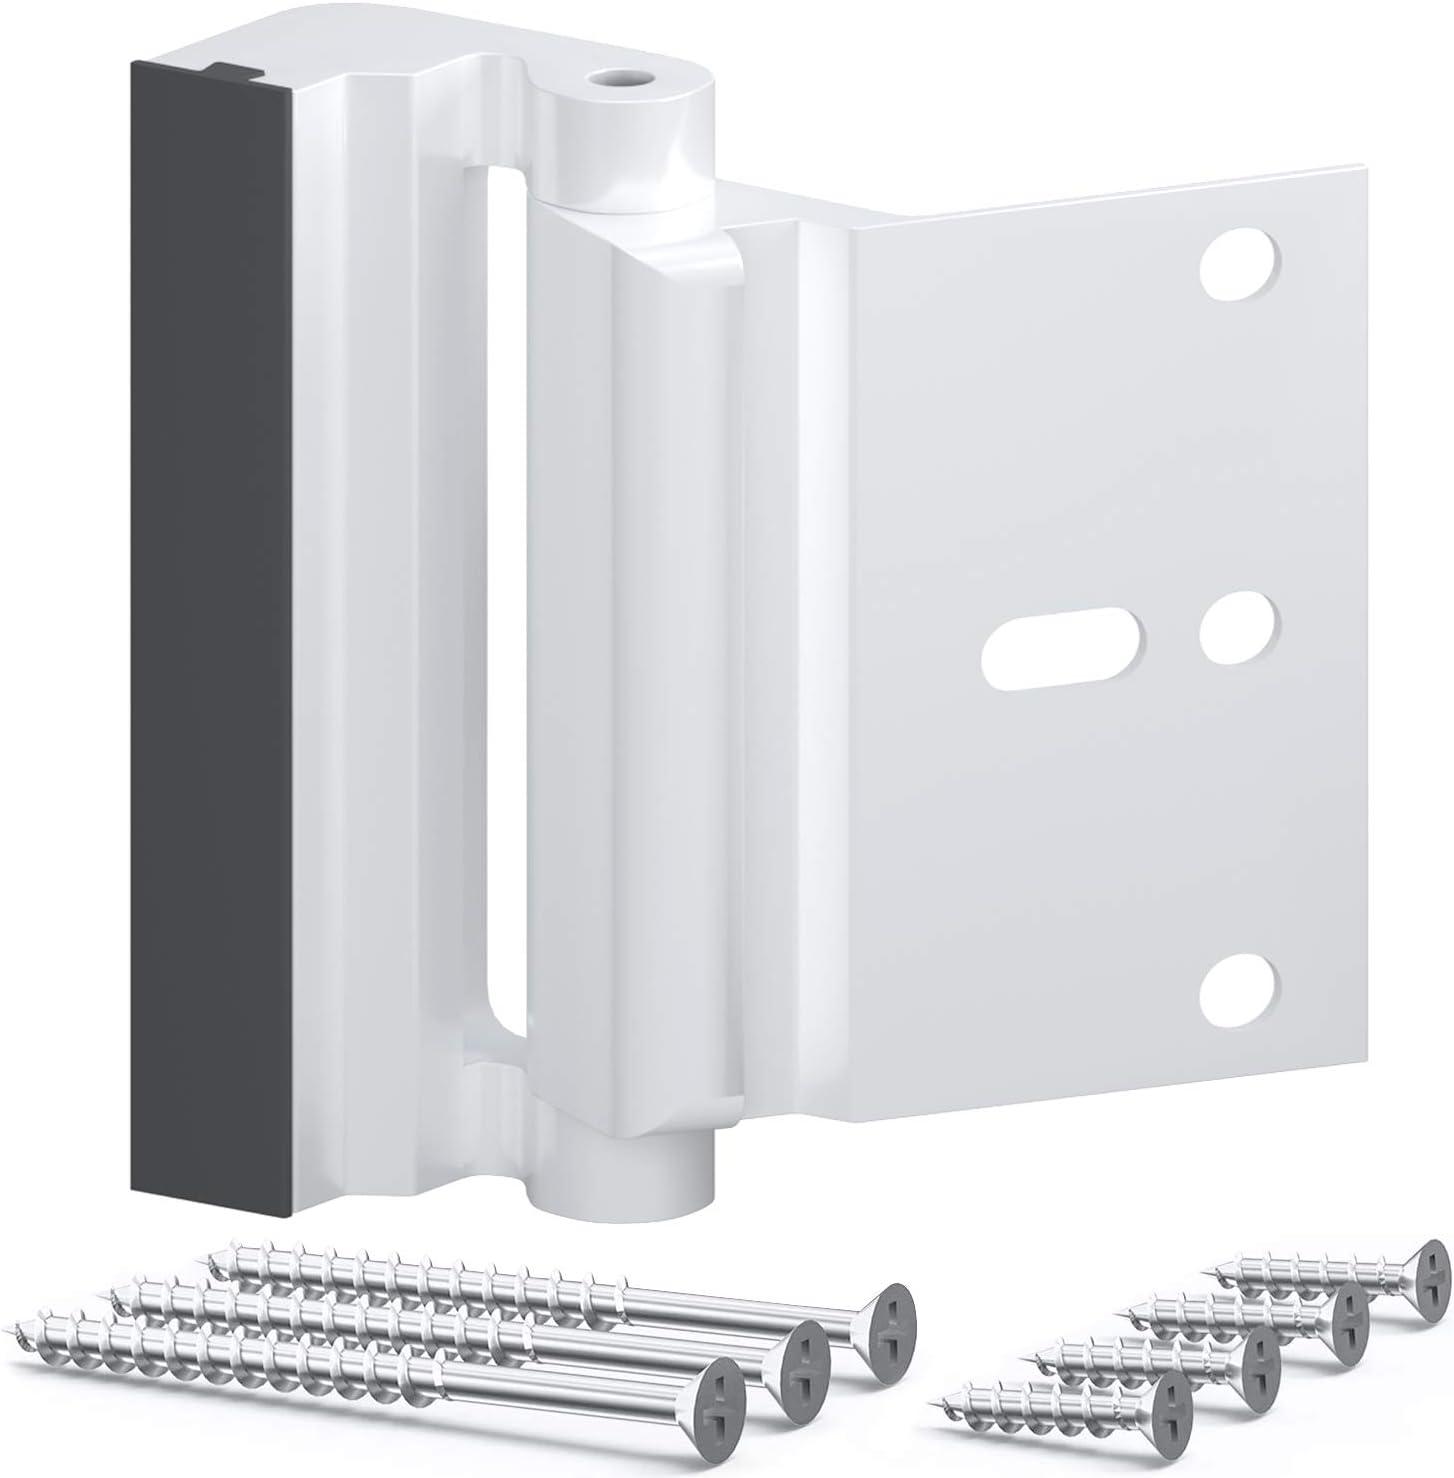 OYU Door Security Lock, Upgrade Home Security Door Lock & Reinforcement Lock with 3 inch Stop and 7 Screws, Door Lock Child Proof Security Door Stopper for Inward Swinging Door(Bright White)